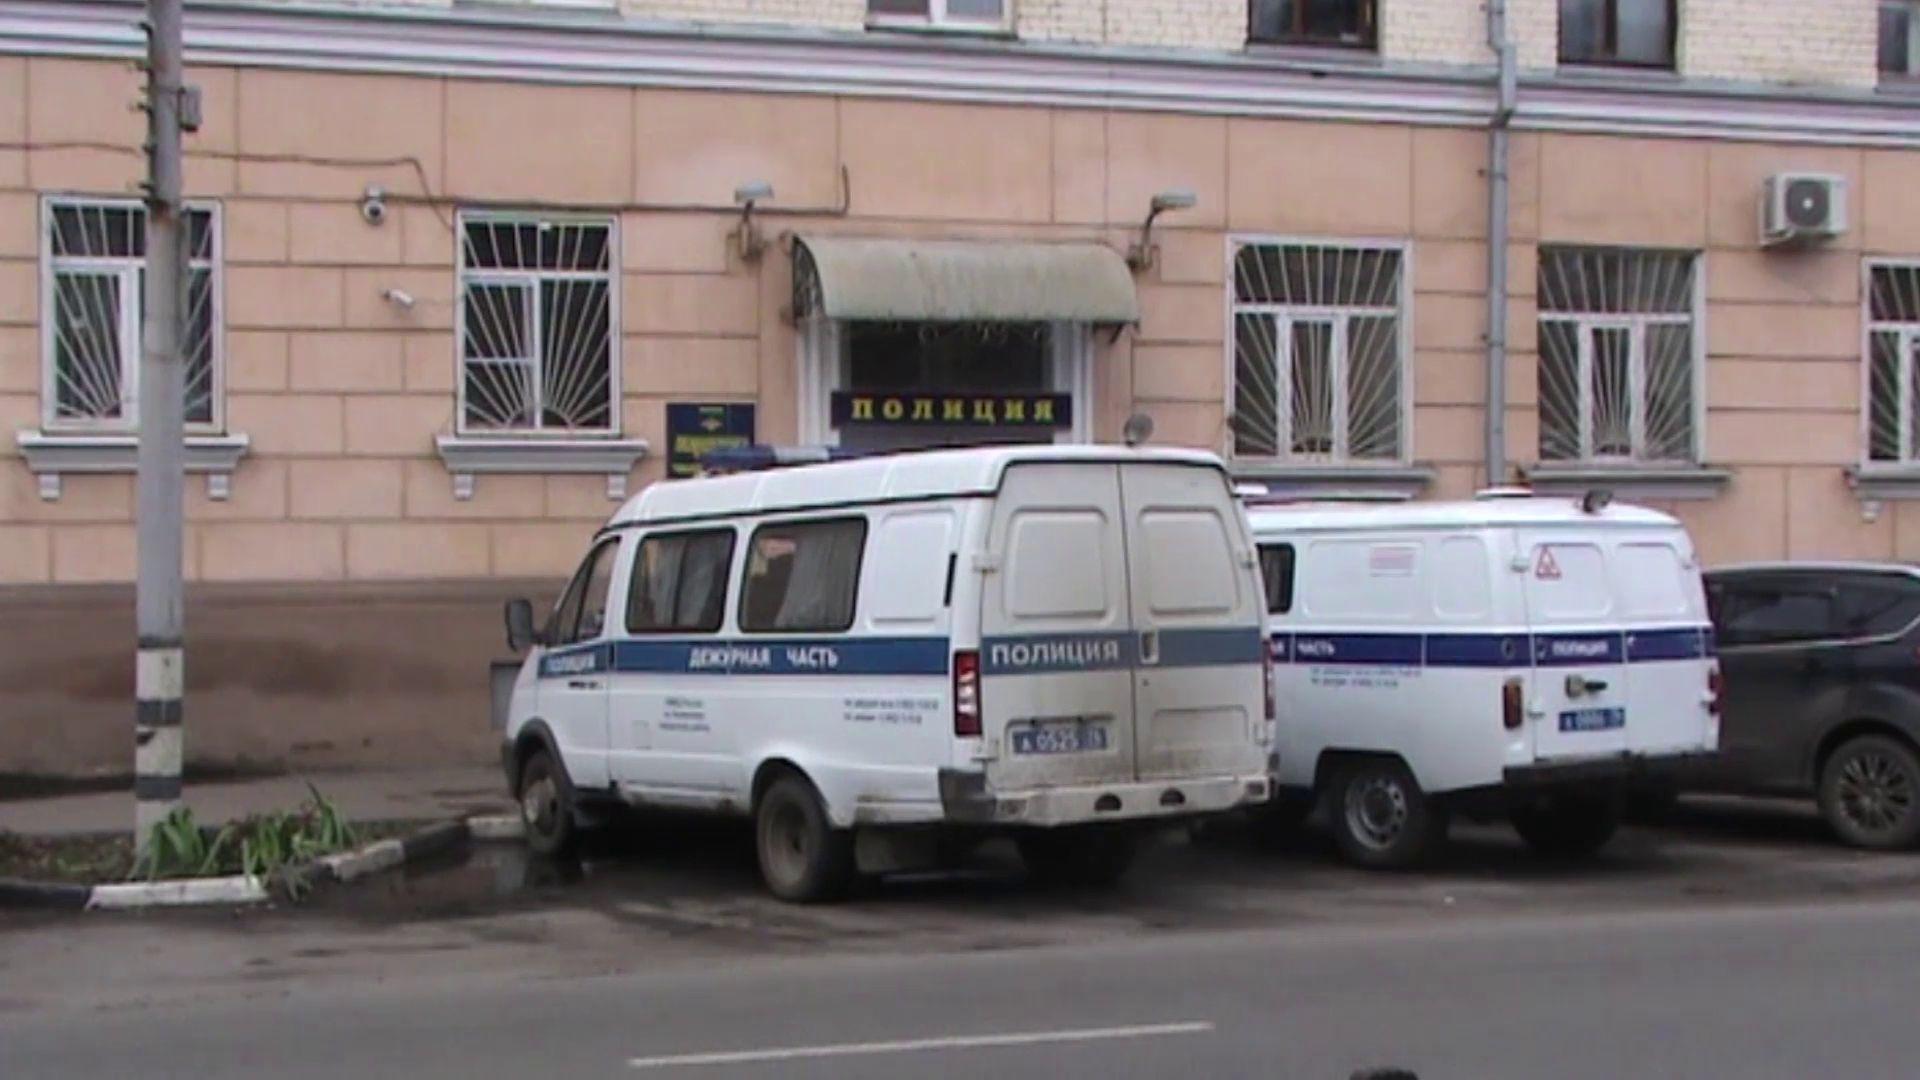 Пятерых жителей Ярославской области будут судить за серию ограблений и краж